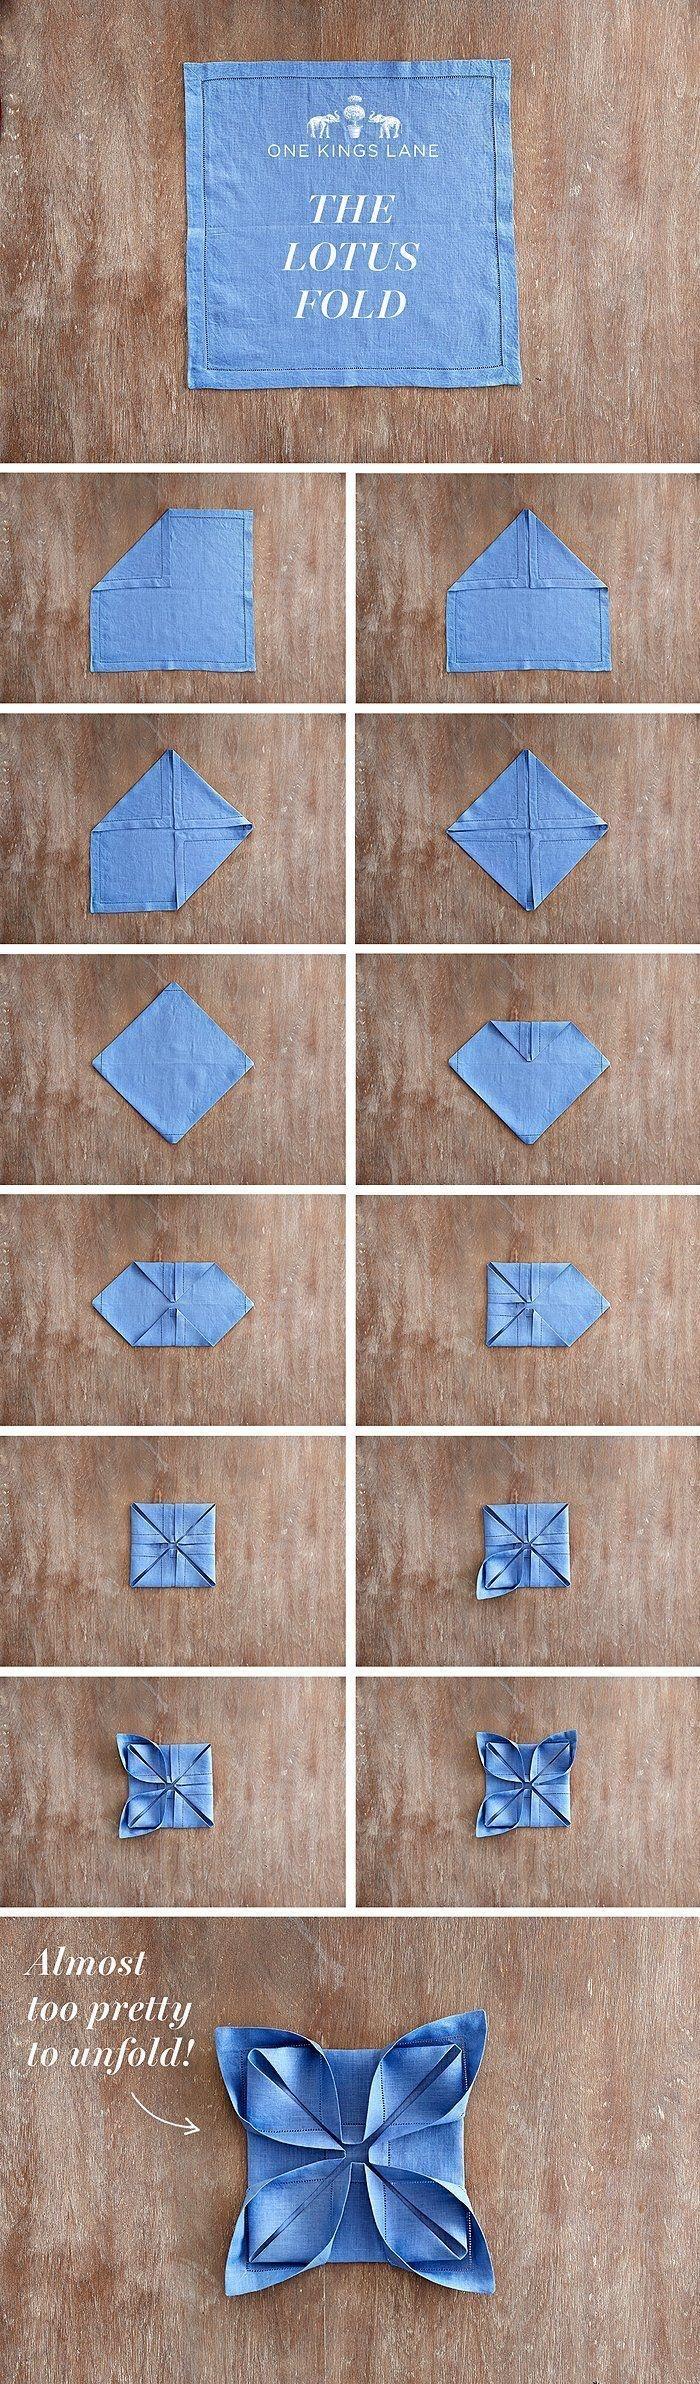 Pentru Revelion: Tehnici geniale de impaturire a servetelelor - Poza 1